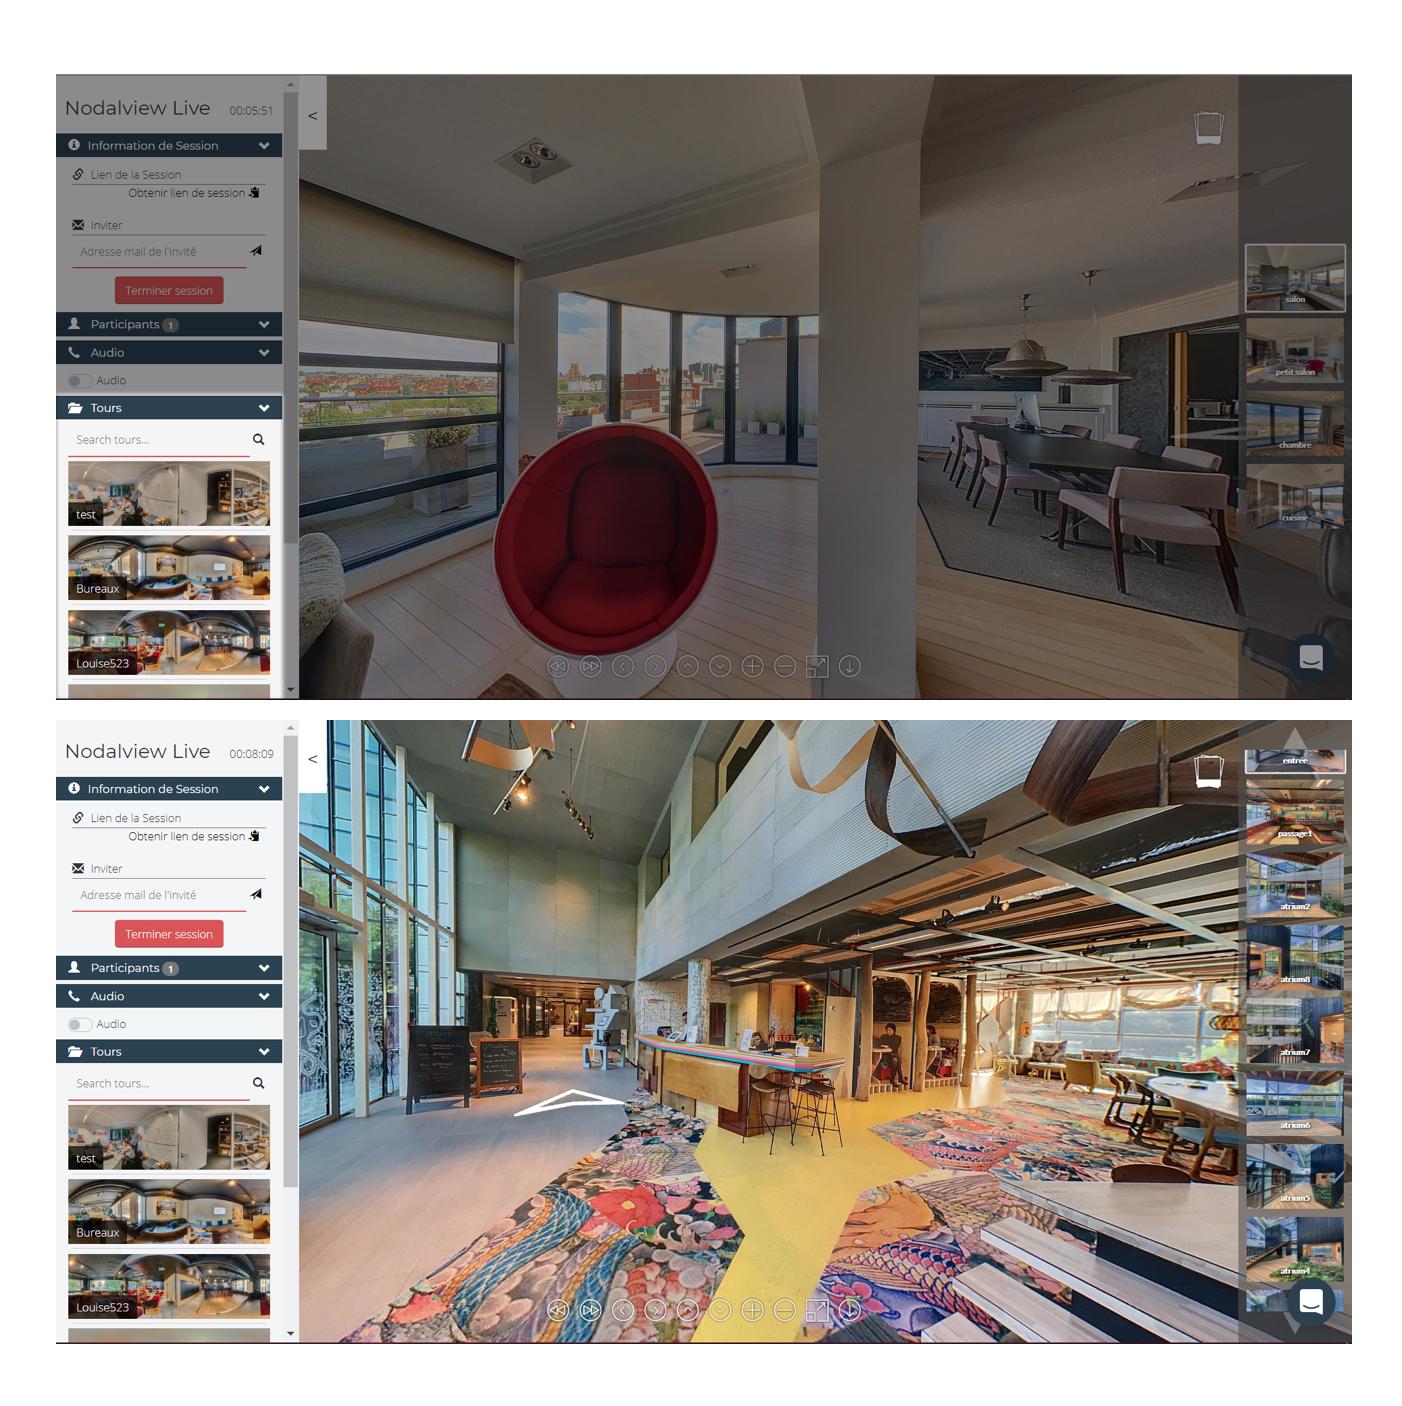 Nodalview, fotografía inmobiliaria, visitas guiadas, visitas virtuales propiedades, panorámicas, 360 vivienda, 360 inmobiliaria, videos inmobiliarios, visitas virtuales, 3D inmobiliario, imágenes inmobiliarias, zoom inmobiliario, webinar inmobiliario